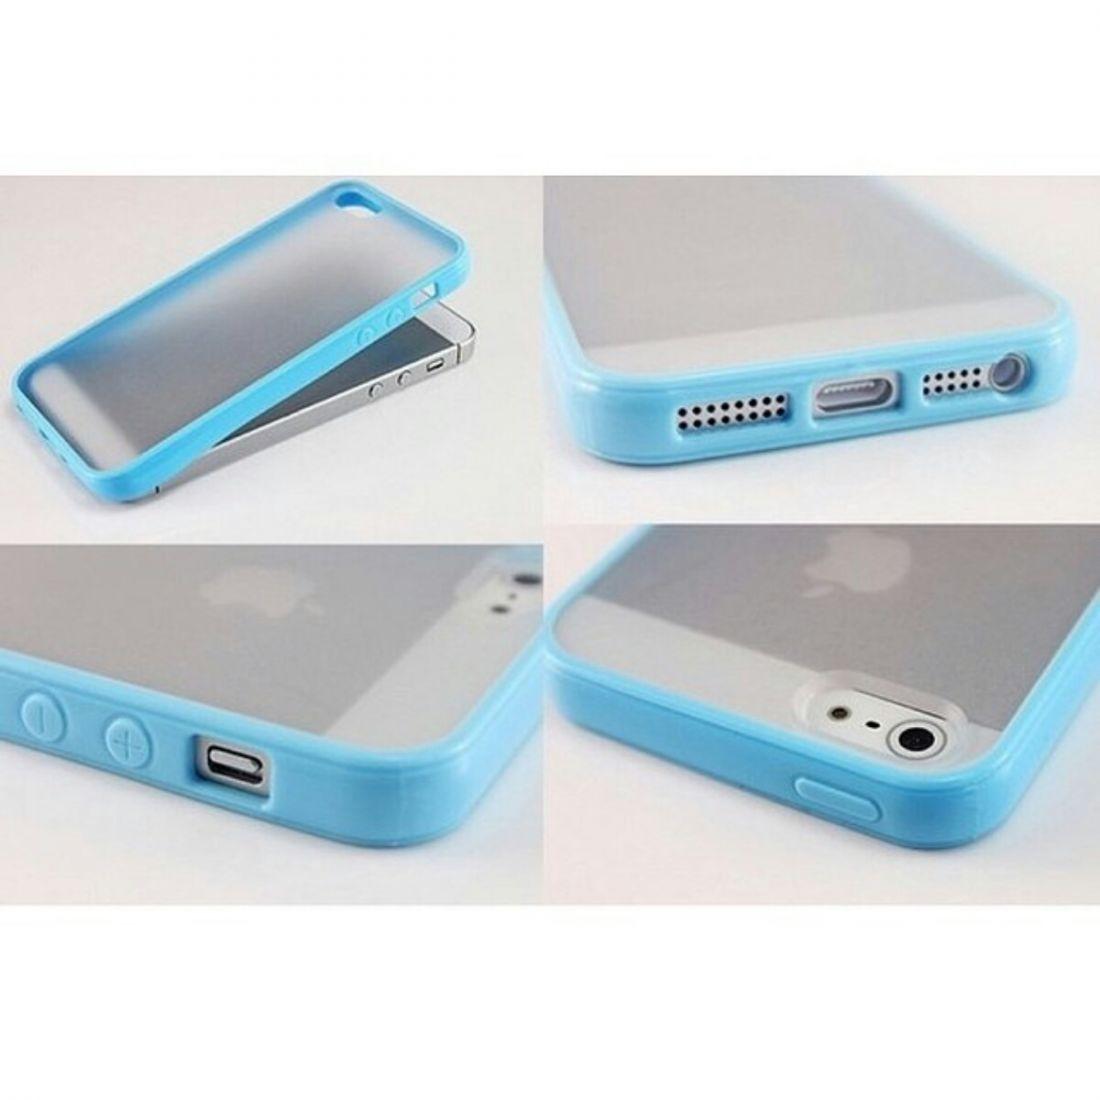 Чехлы для iphone 5/5s - бампера с прозрачной крышкой (голубой)